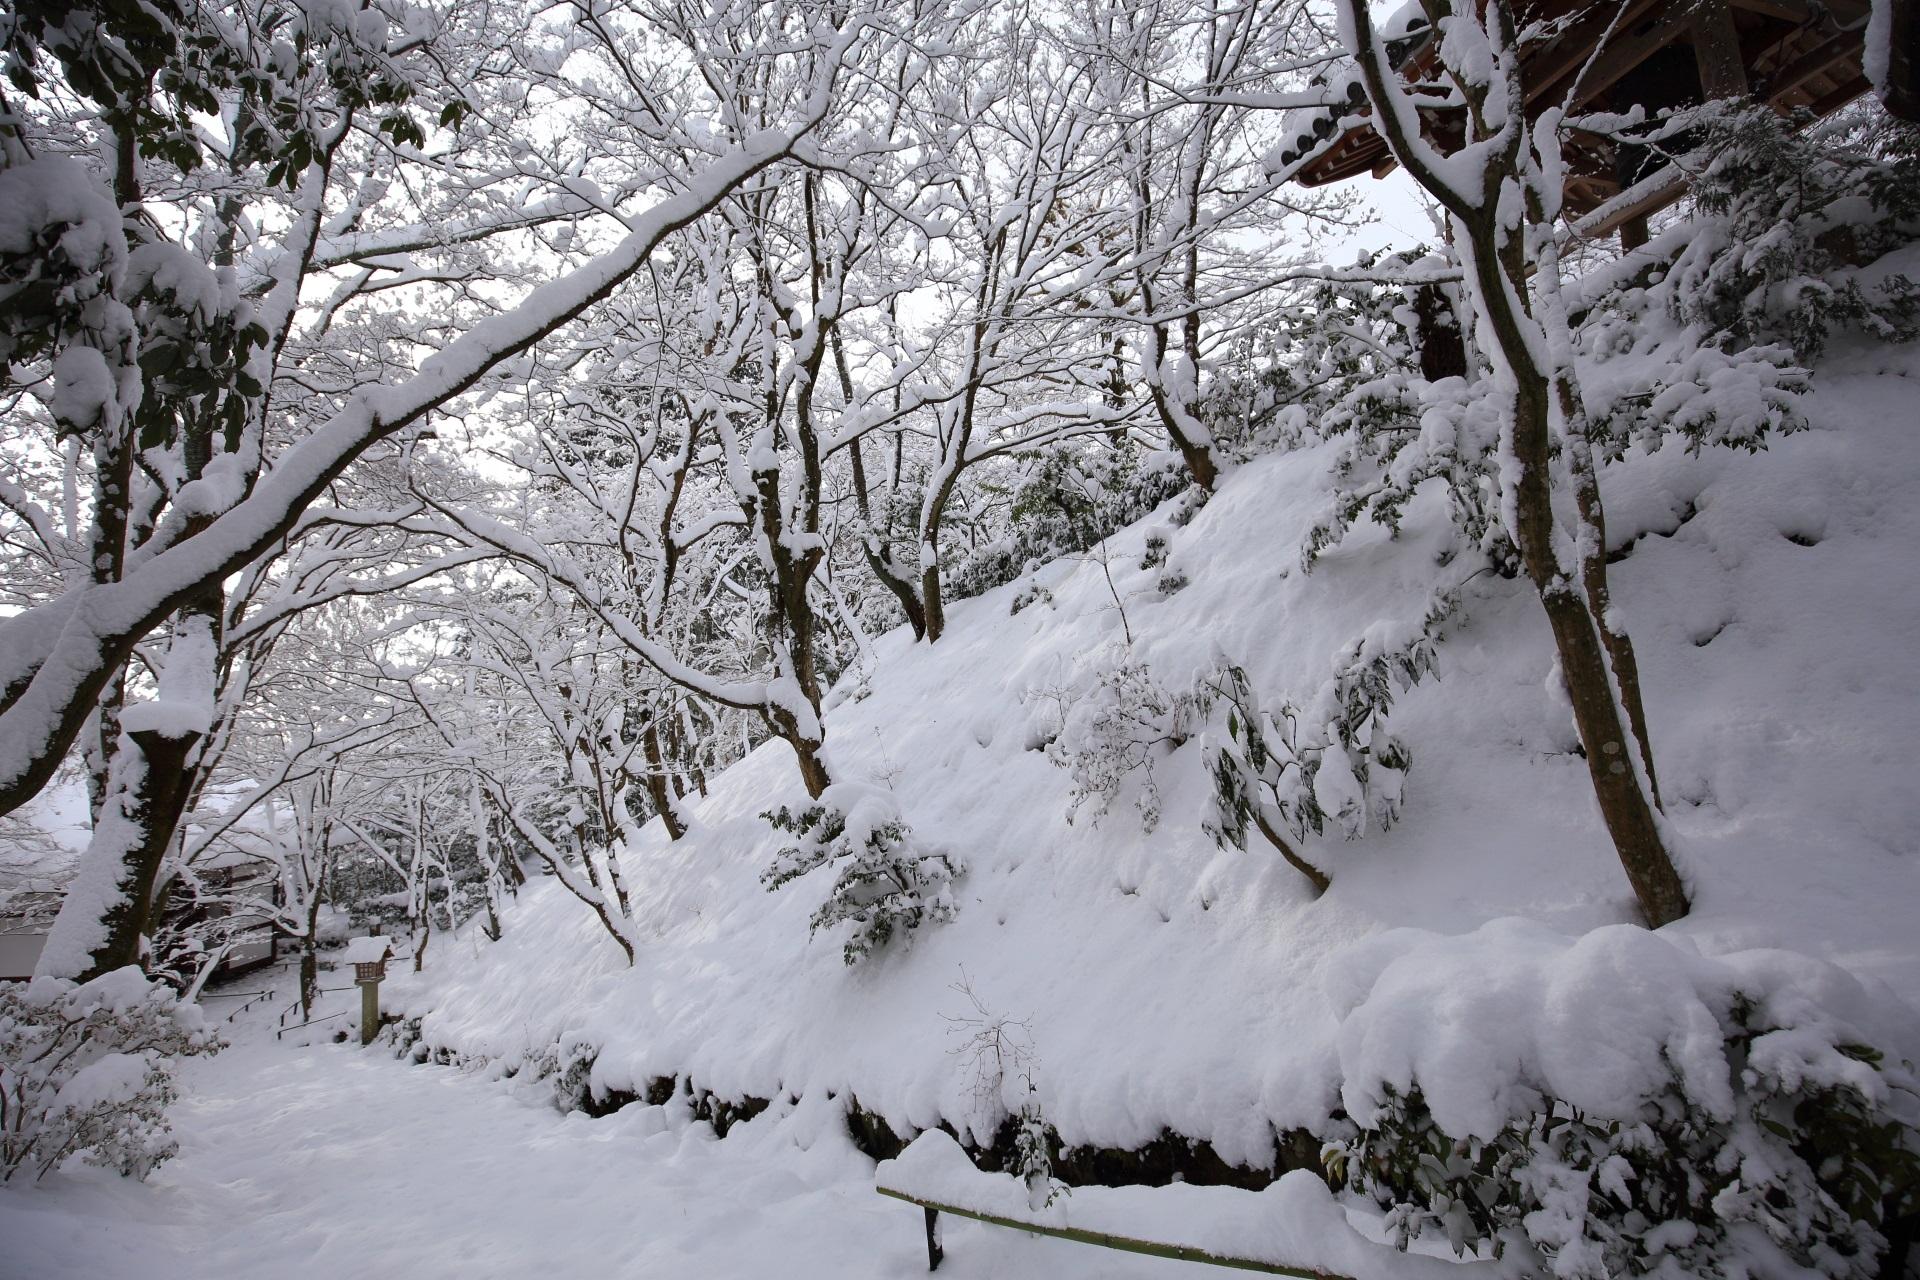 常寂光寺 雪景色 華やかな白銀の冬景色